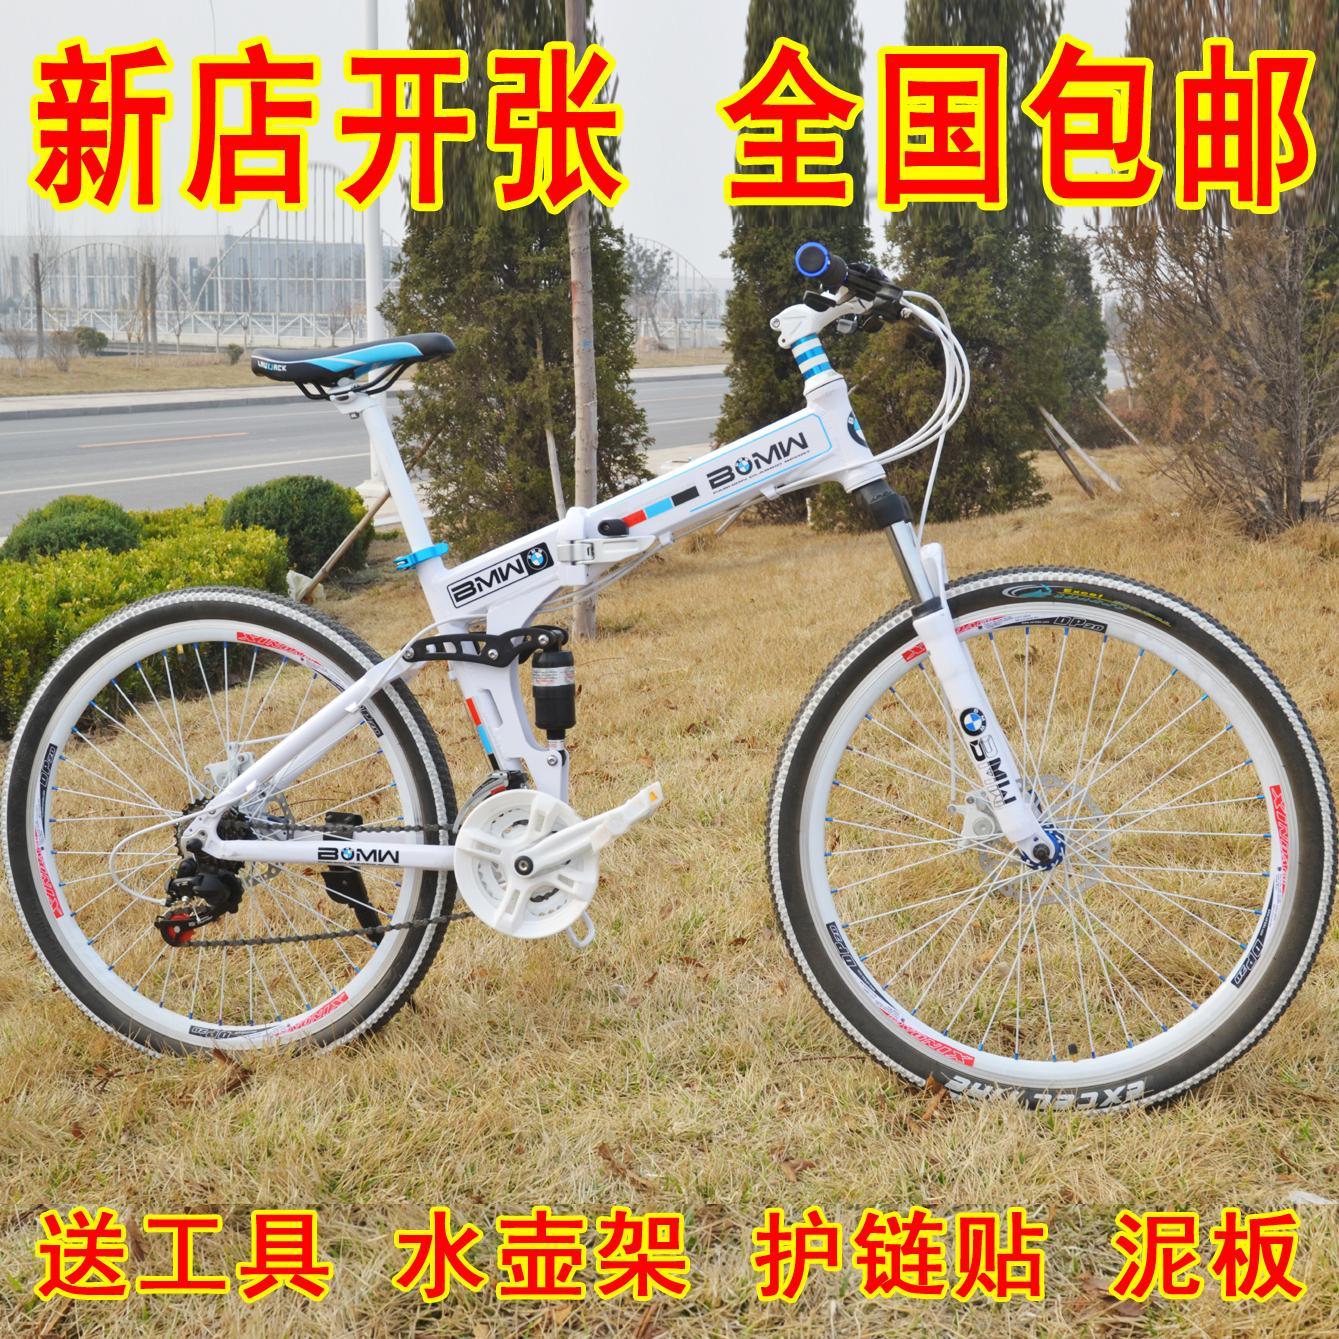 Горный велосипед BMW 21 Жесткий каркас (без амортизаторов) 26 * 16 ( 150- 165см) 21- скорости Двойные дисковые тормоза Механическая рессорная вилка (не глушит низкие колебания)